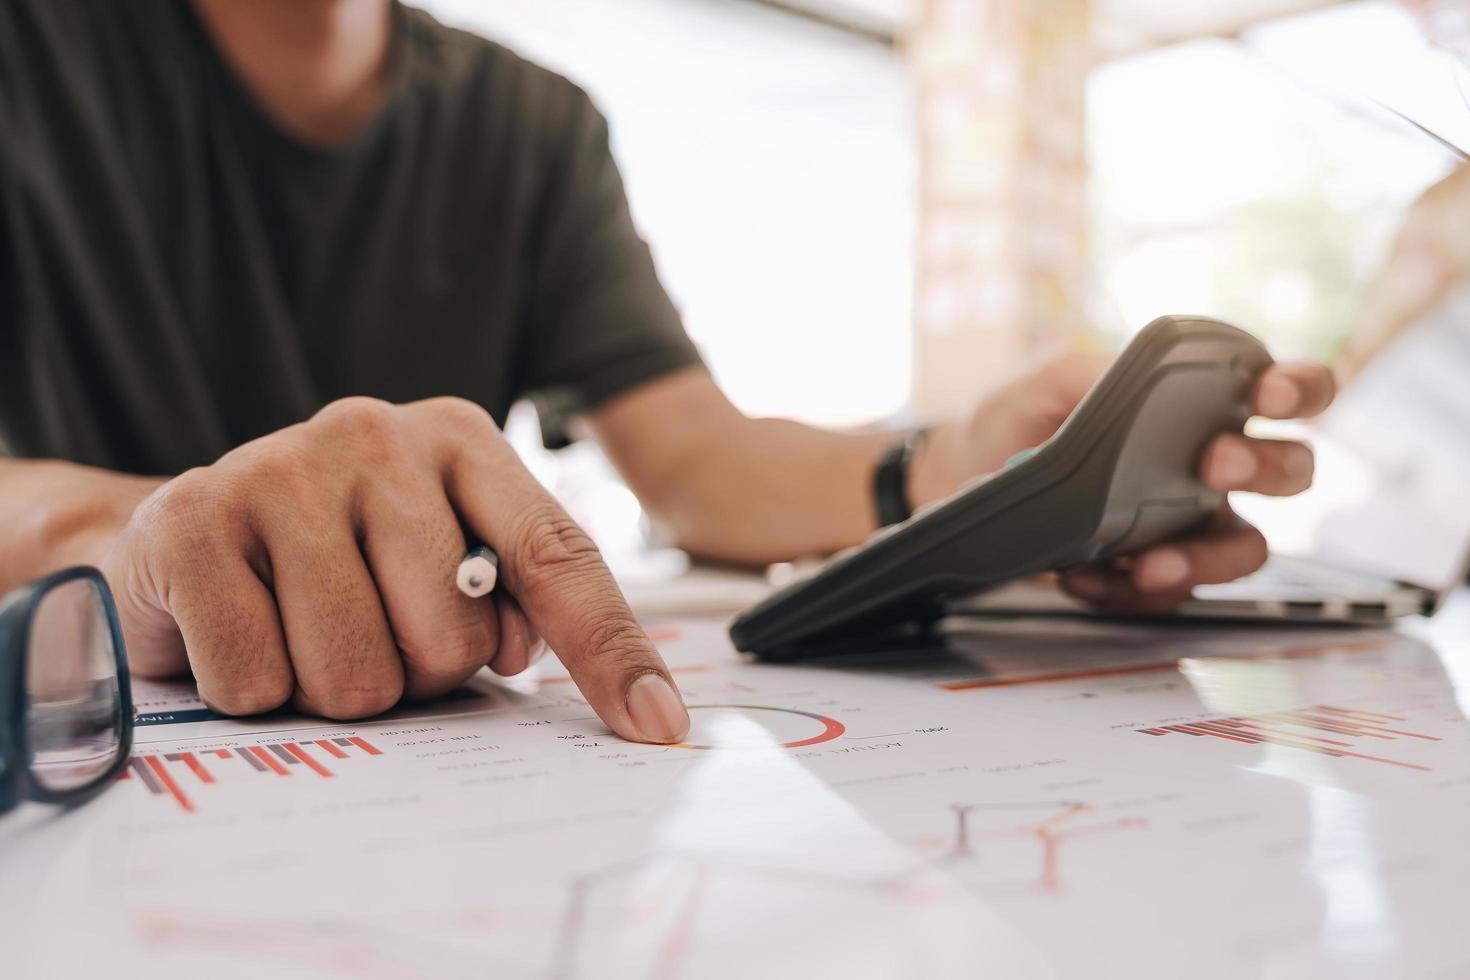 Geschäftsmann, der mit Rechner am Finanzdokument arbeitet foto